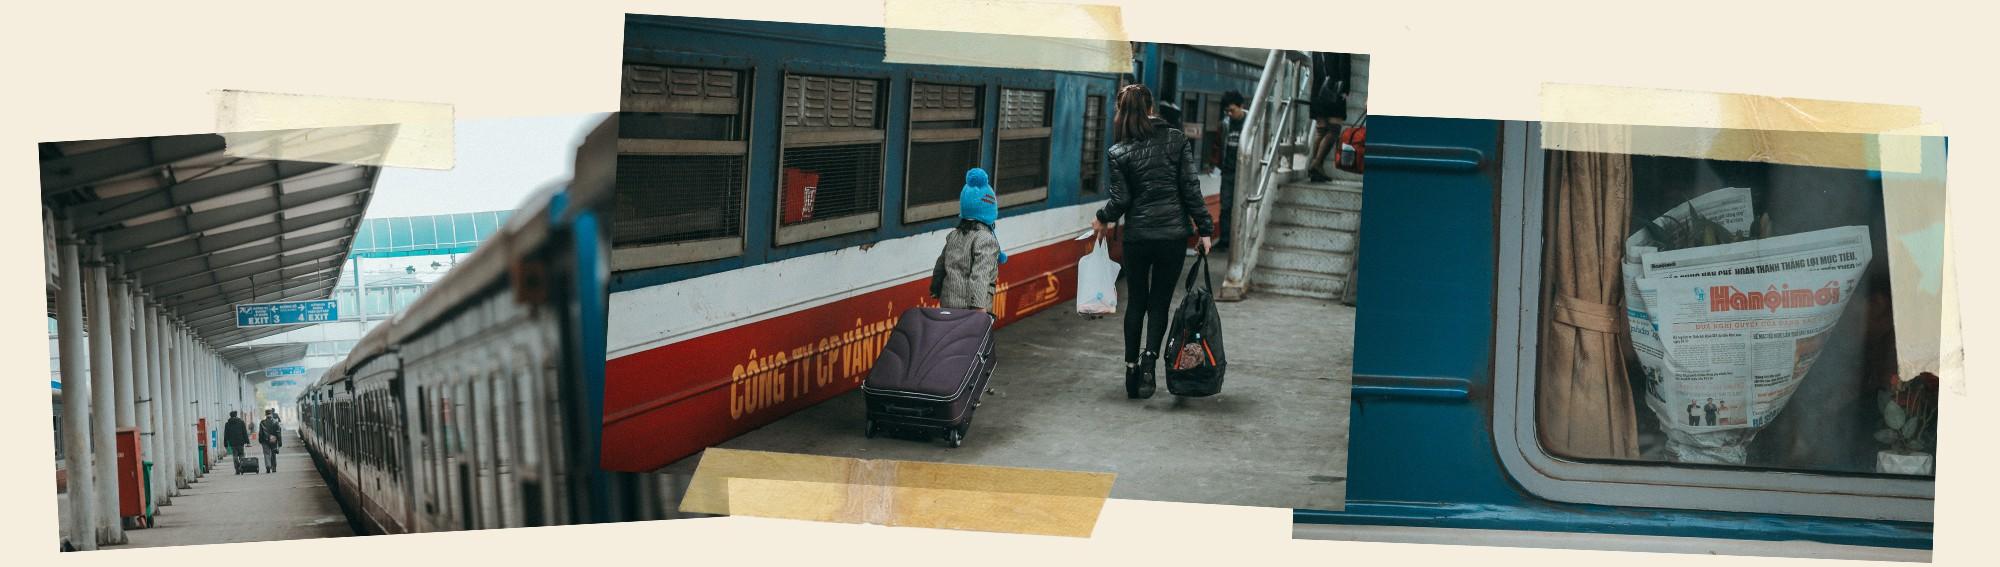 Vì trên mỗi chuyến tàu, những chiếc ghế xoay vào nhau - Ảnh 5.